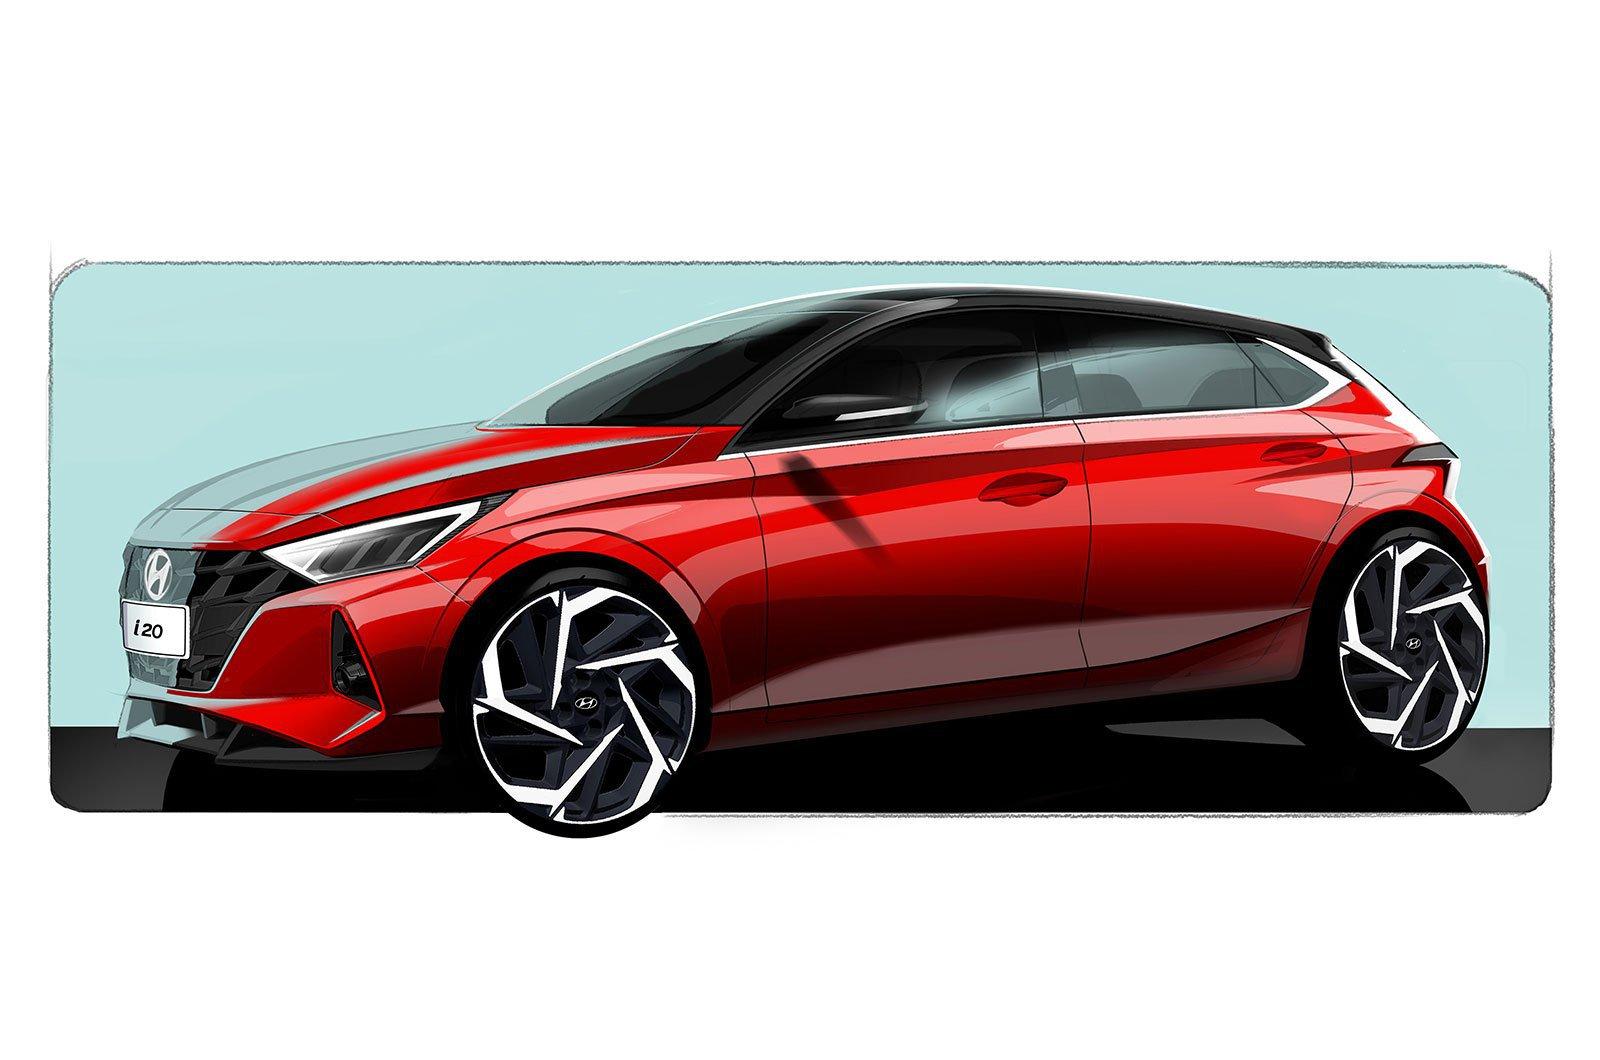 Hyundai i20 sketch